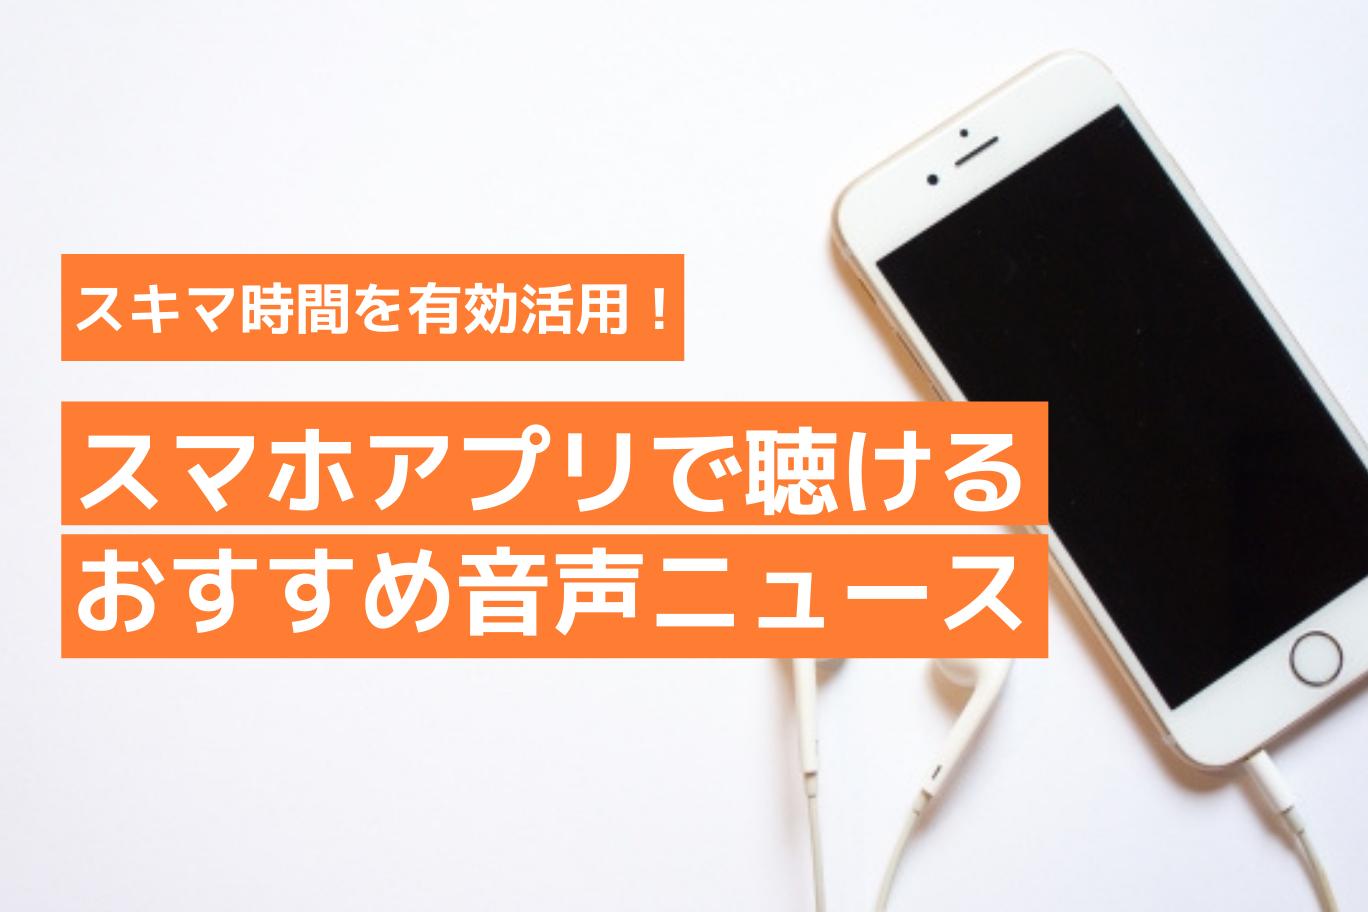 スキマ時間を有効活用!スマホアプリで聴けるおすすめ音声ニュース